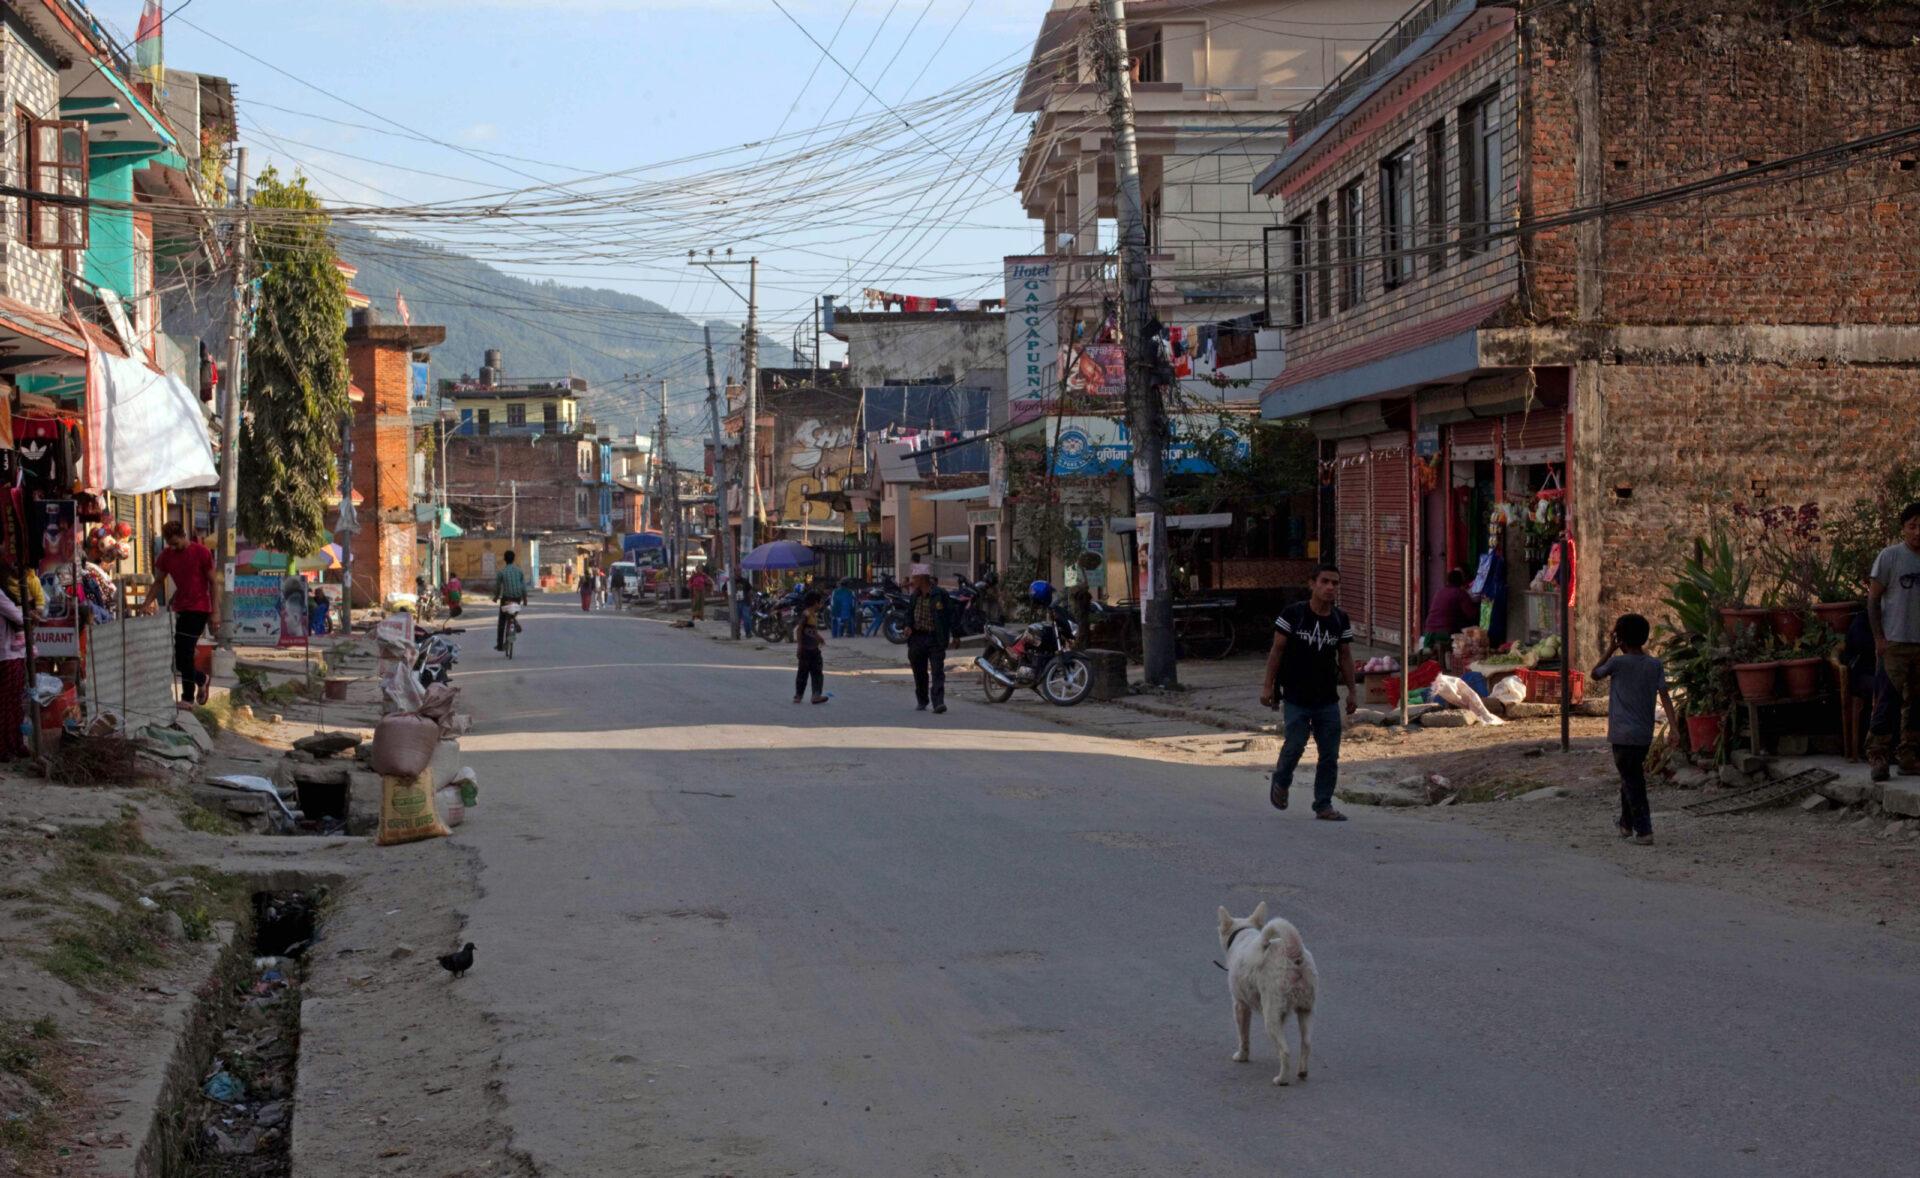 ИзКатманду наначало маршрута через Бесисахар